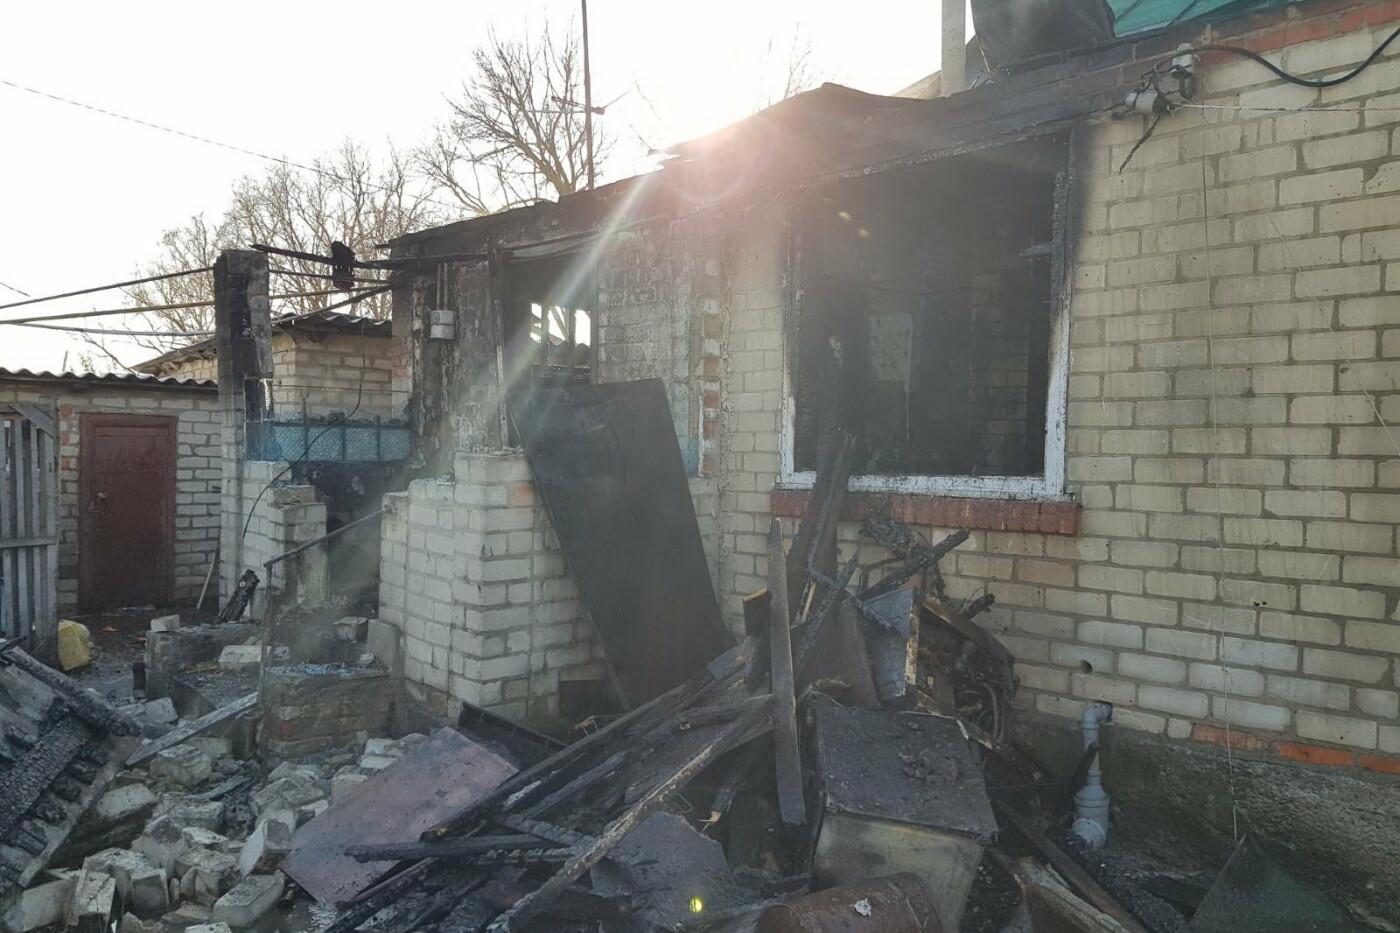 Огонь отрезал единственный выход: под Харьковом бабушка пробралась в горящий дом и спасла внука, - ФОТО, фото-1